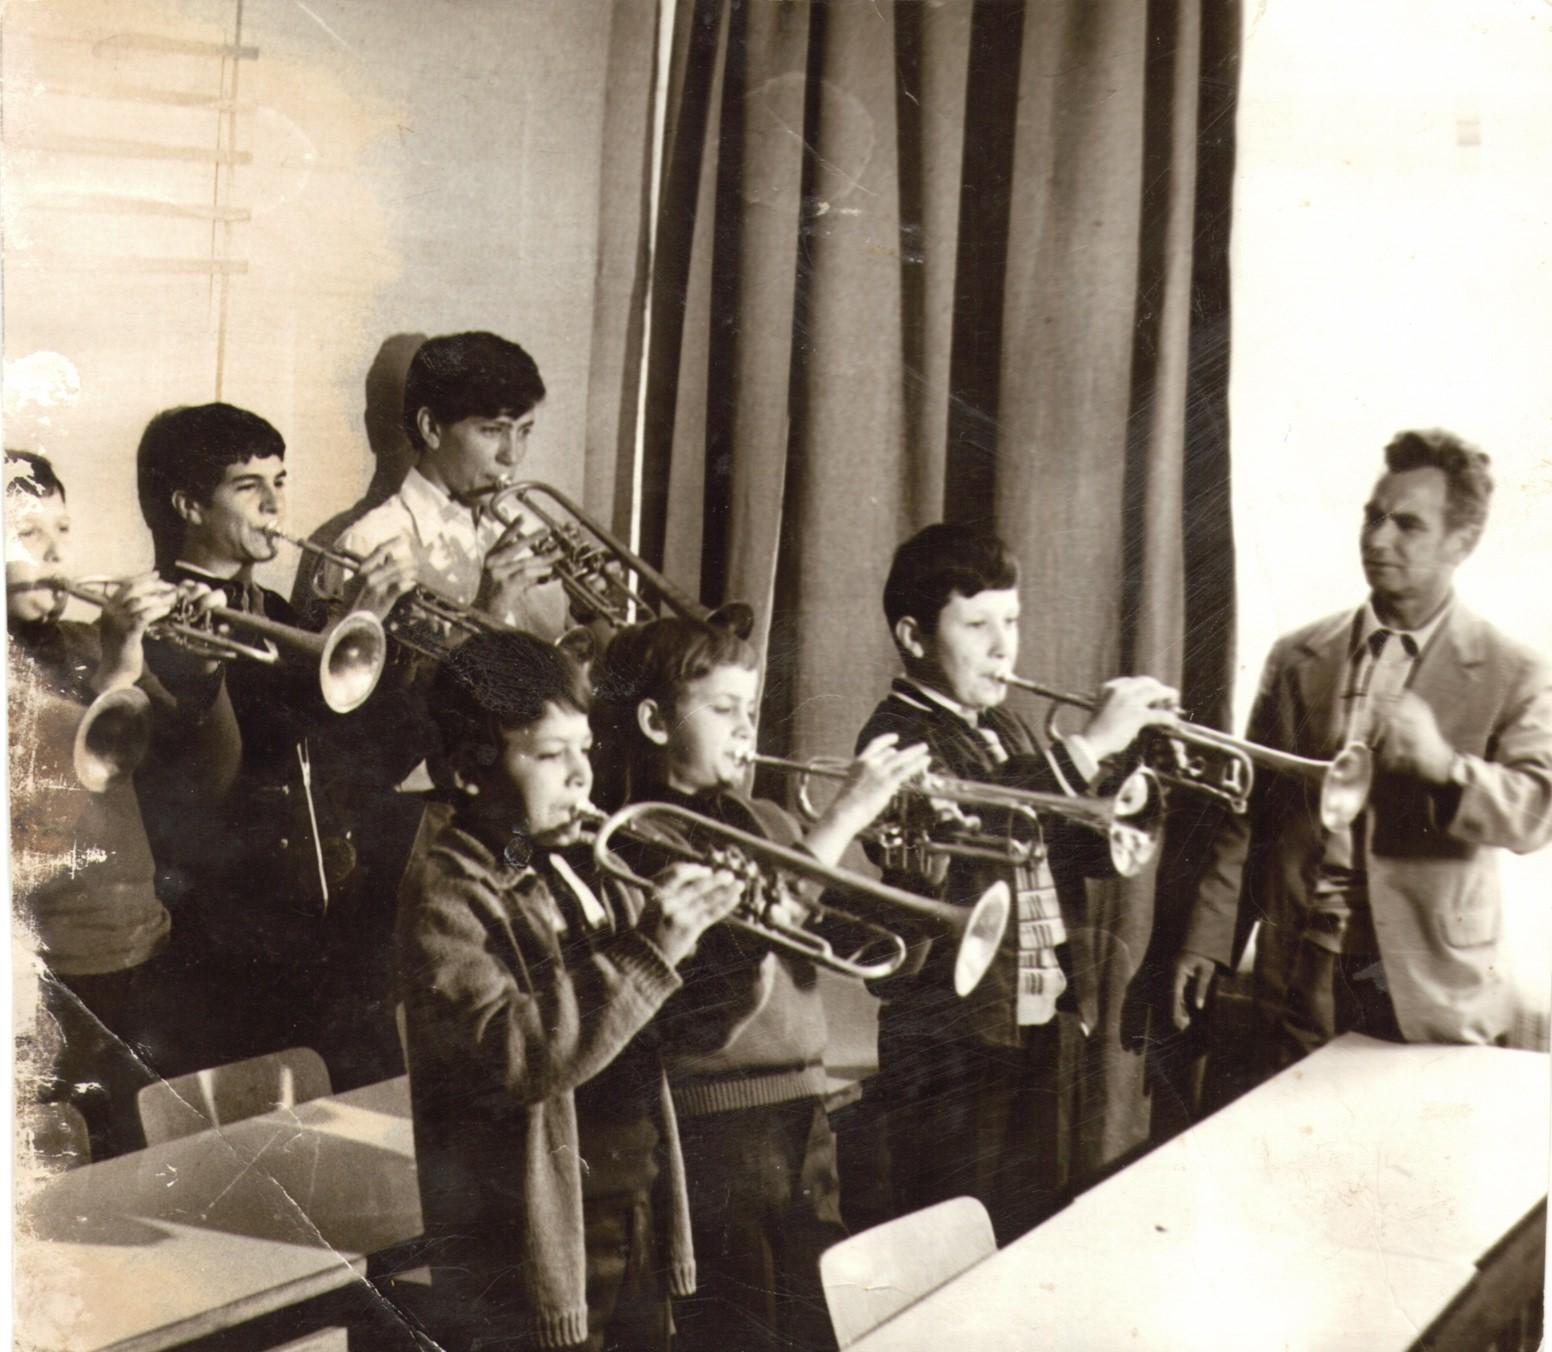 http://image.nauka.bg/kul/music/13.jpg